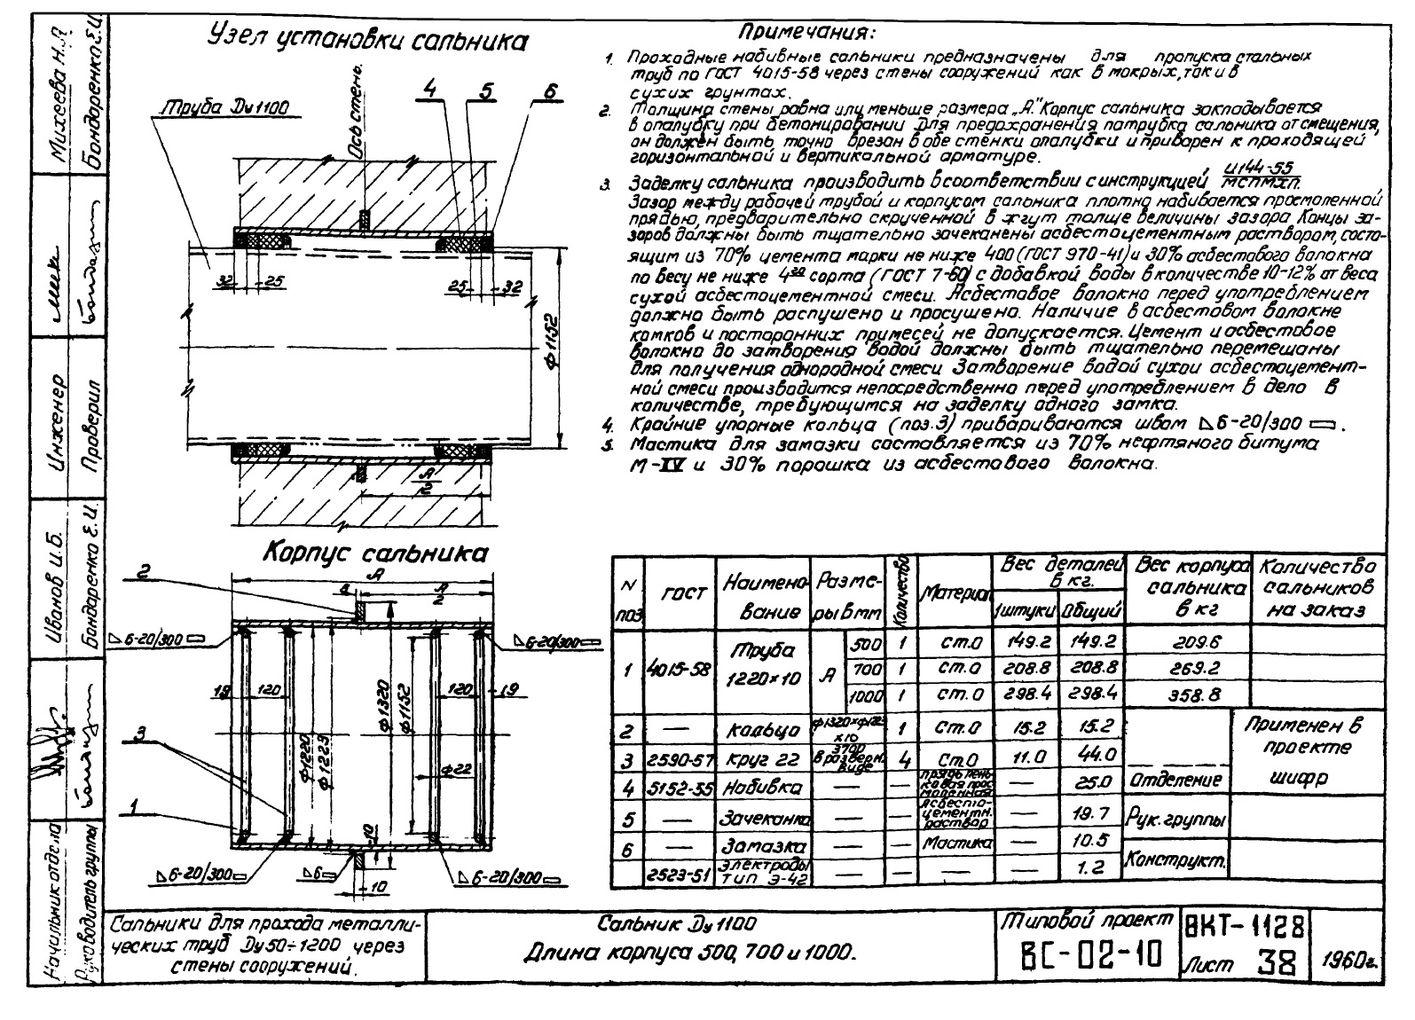 Сальники набивные L = 1000 мм типовой проект ВС-02-10 стр.18